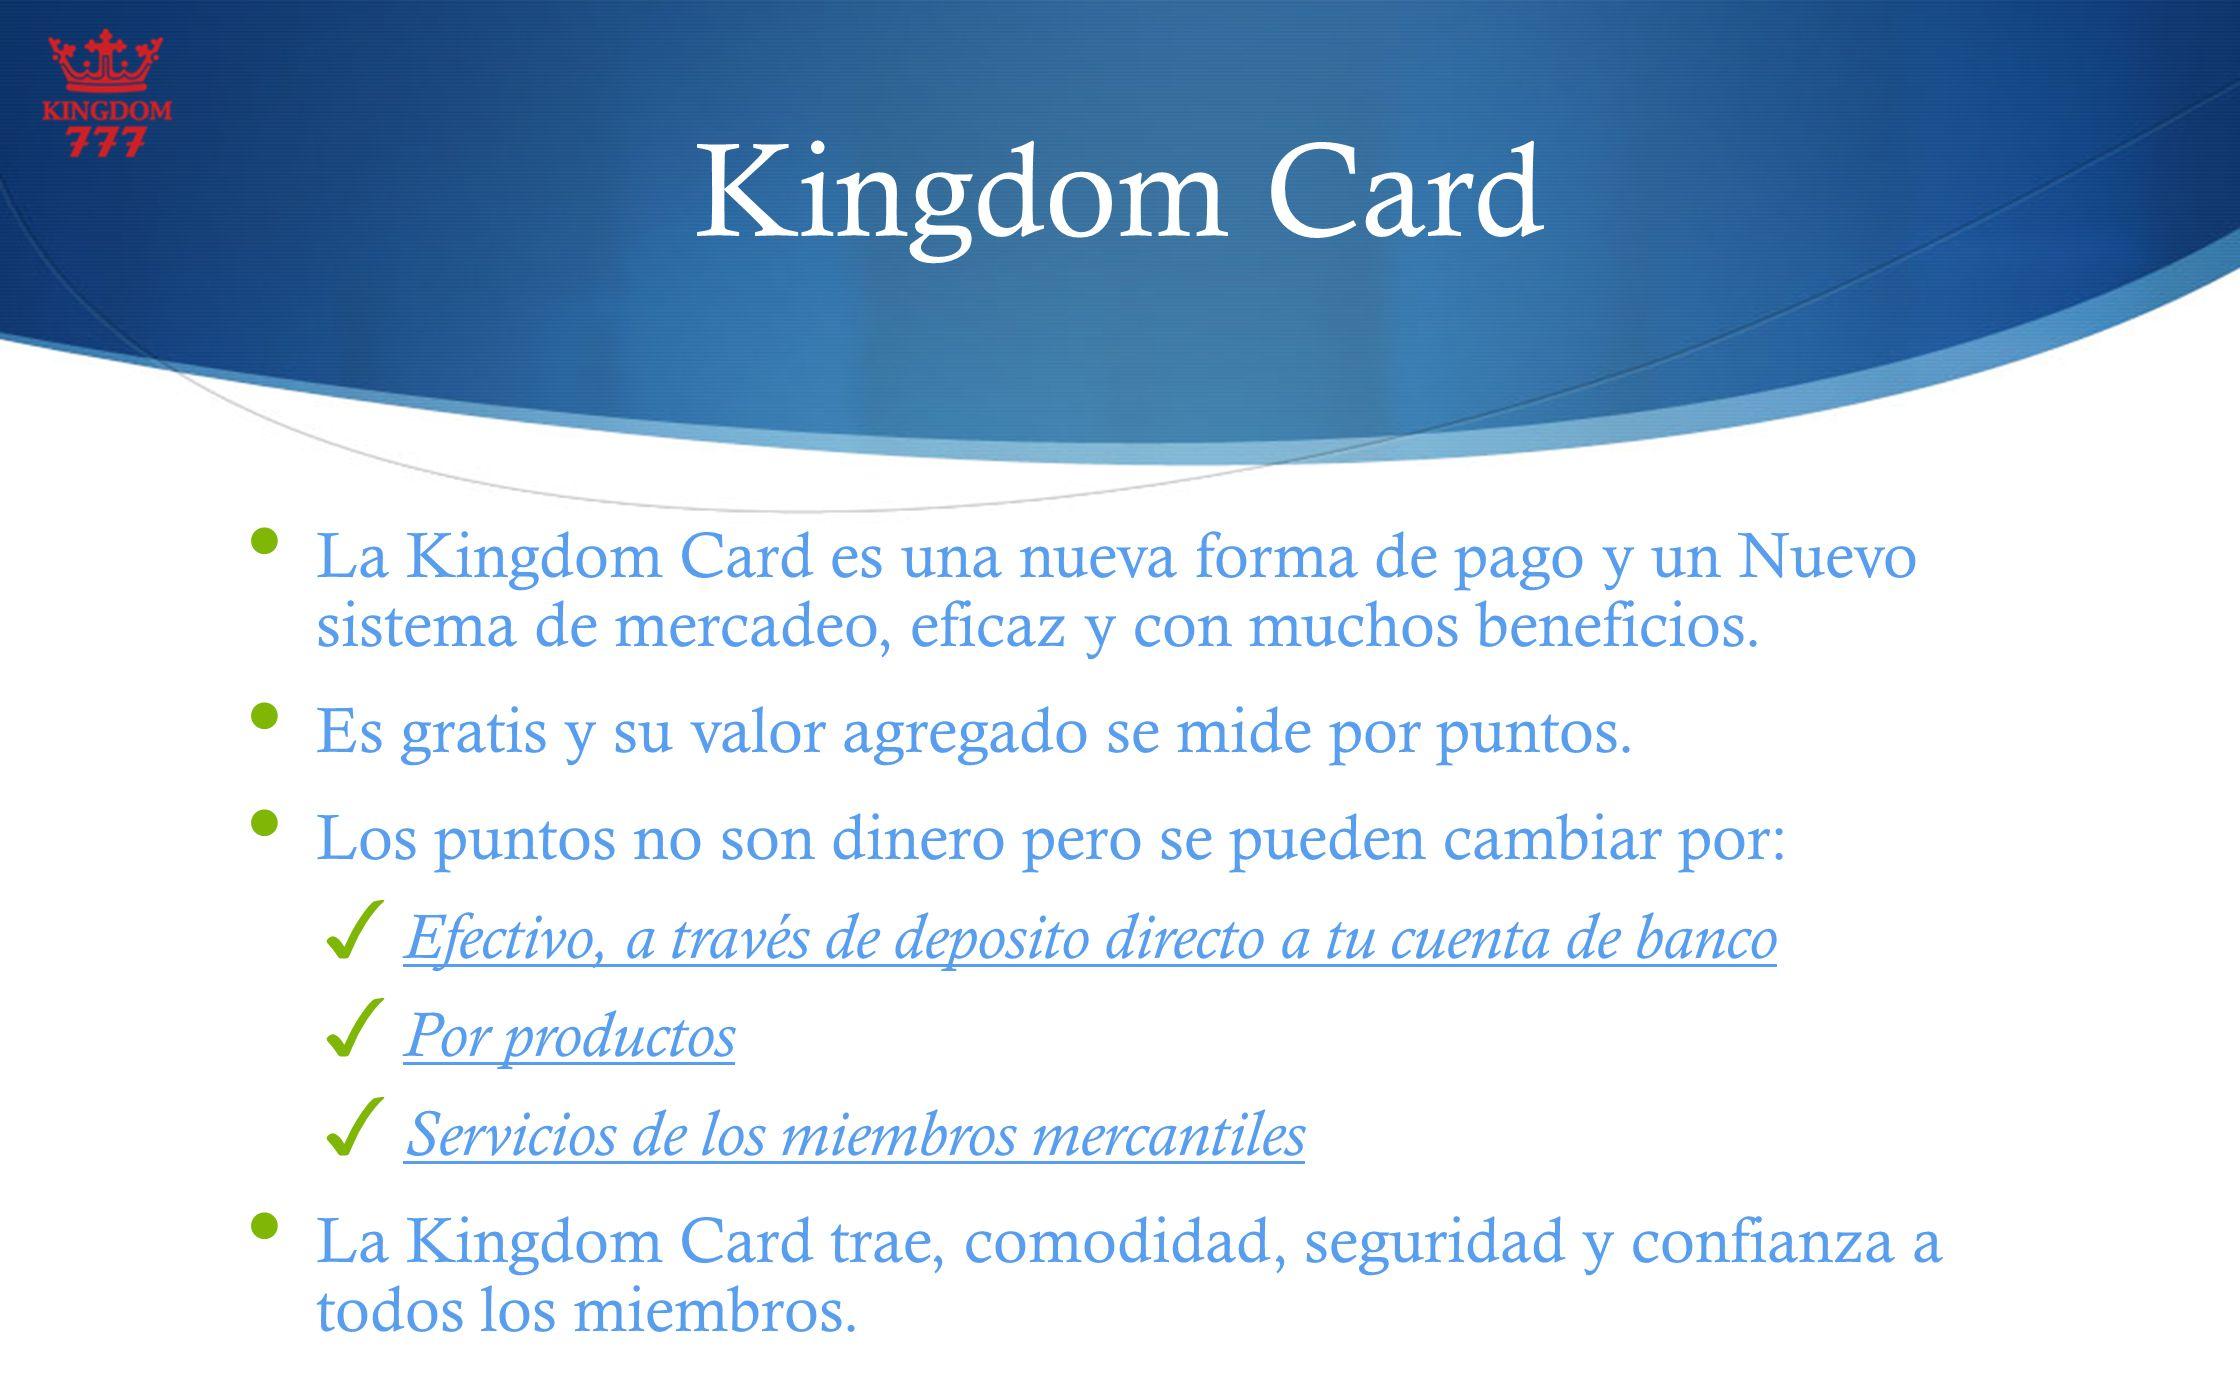 Kingdom Card La Kingdom Card es una nueva forma de pago y un Nuevo sistema de mercadeo, eficaz y con muchos beneficios.